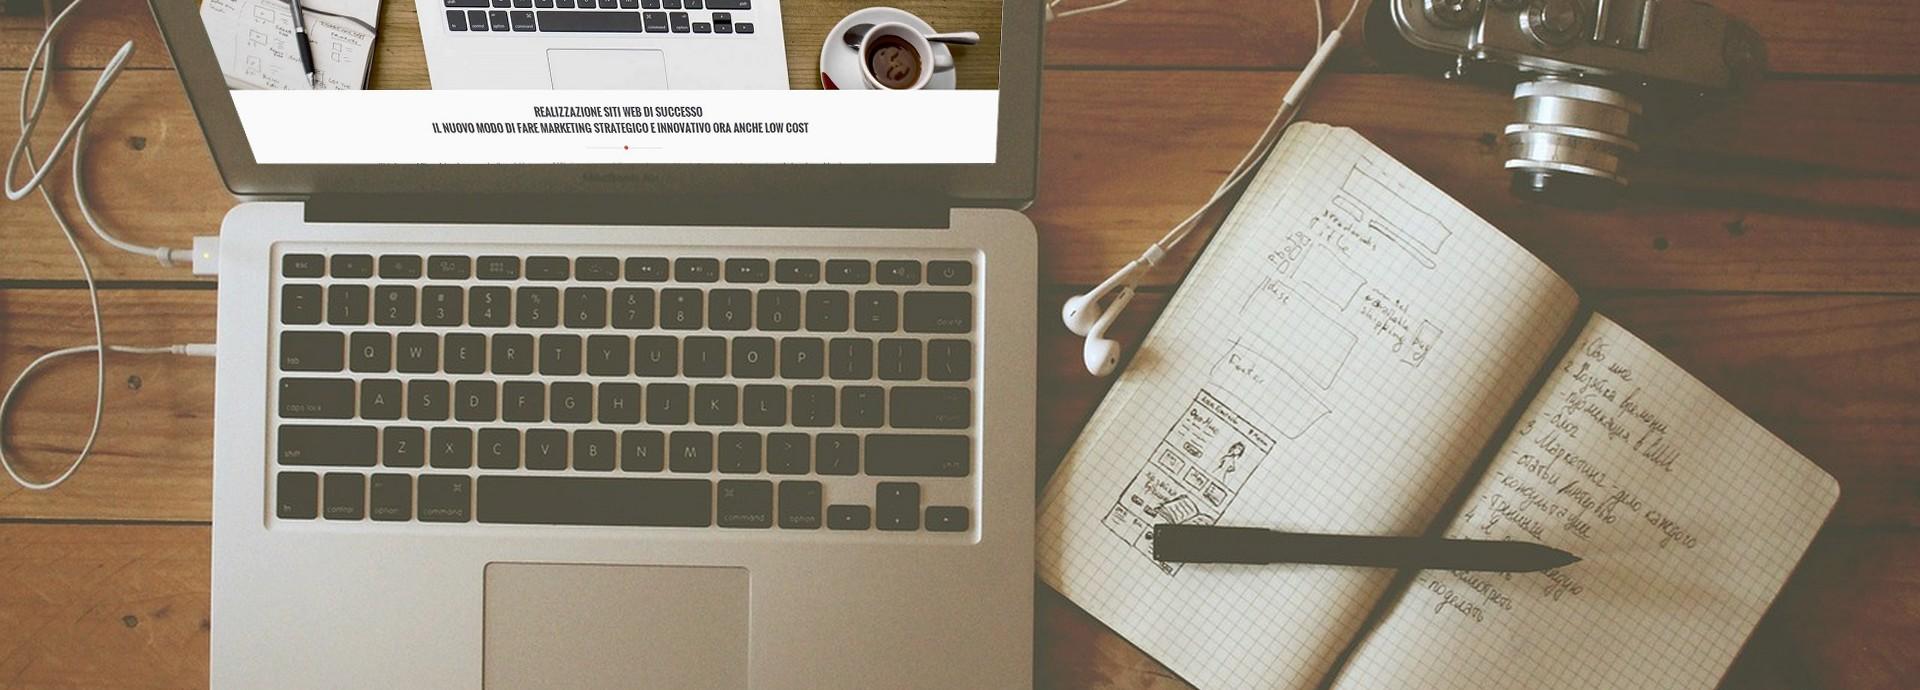 Creare Siti Web trasforma il tuo business, espande l'audience